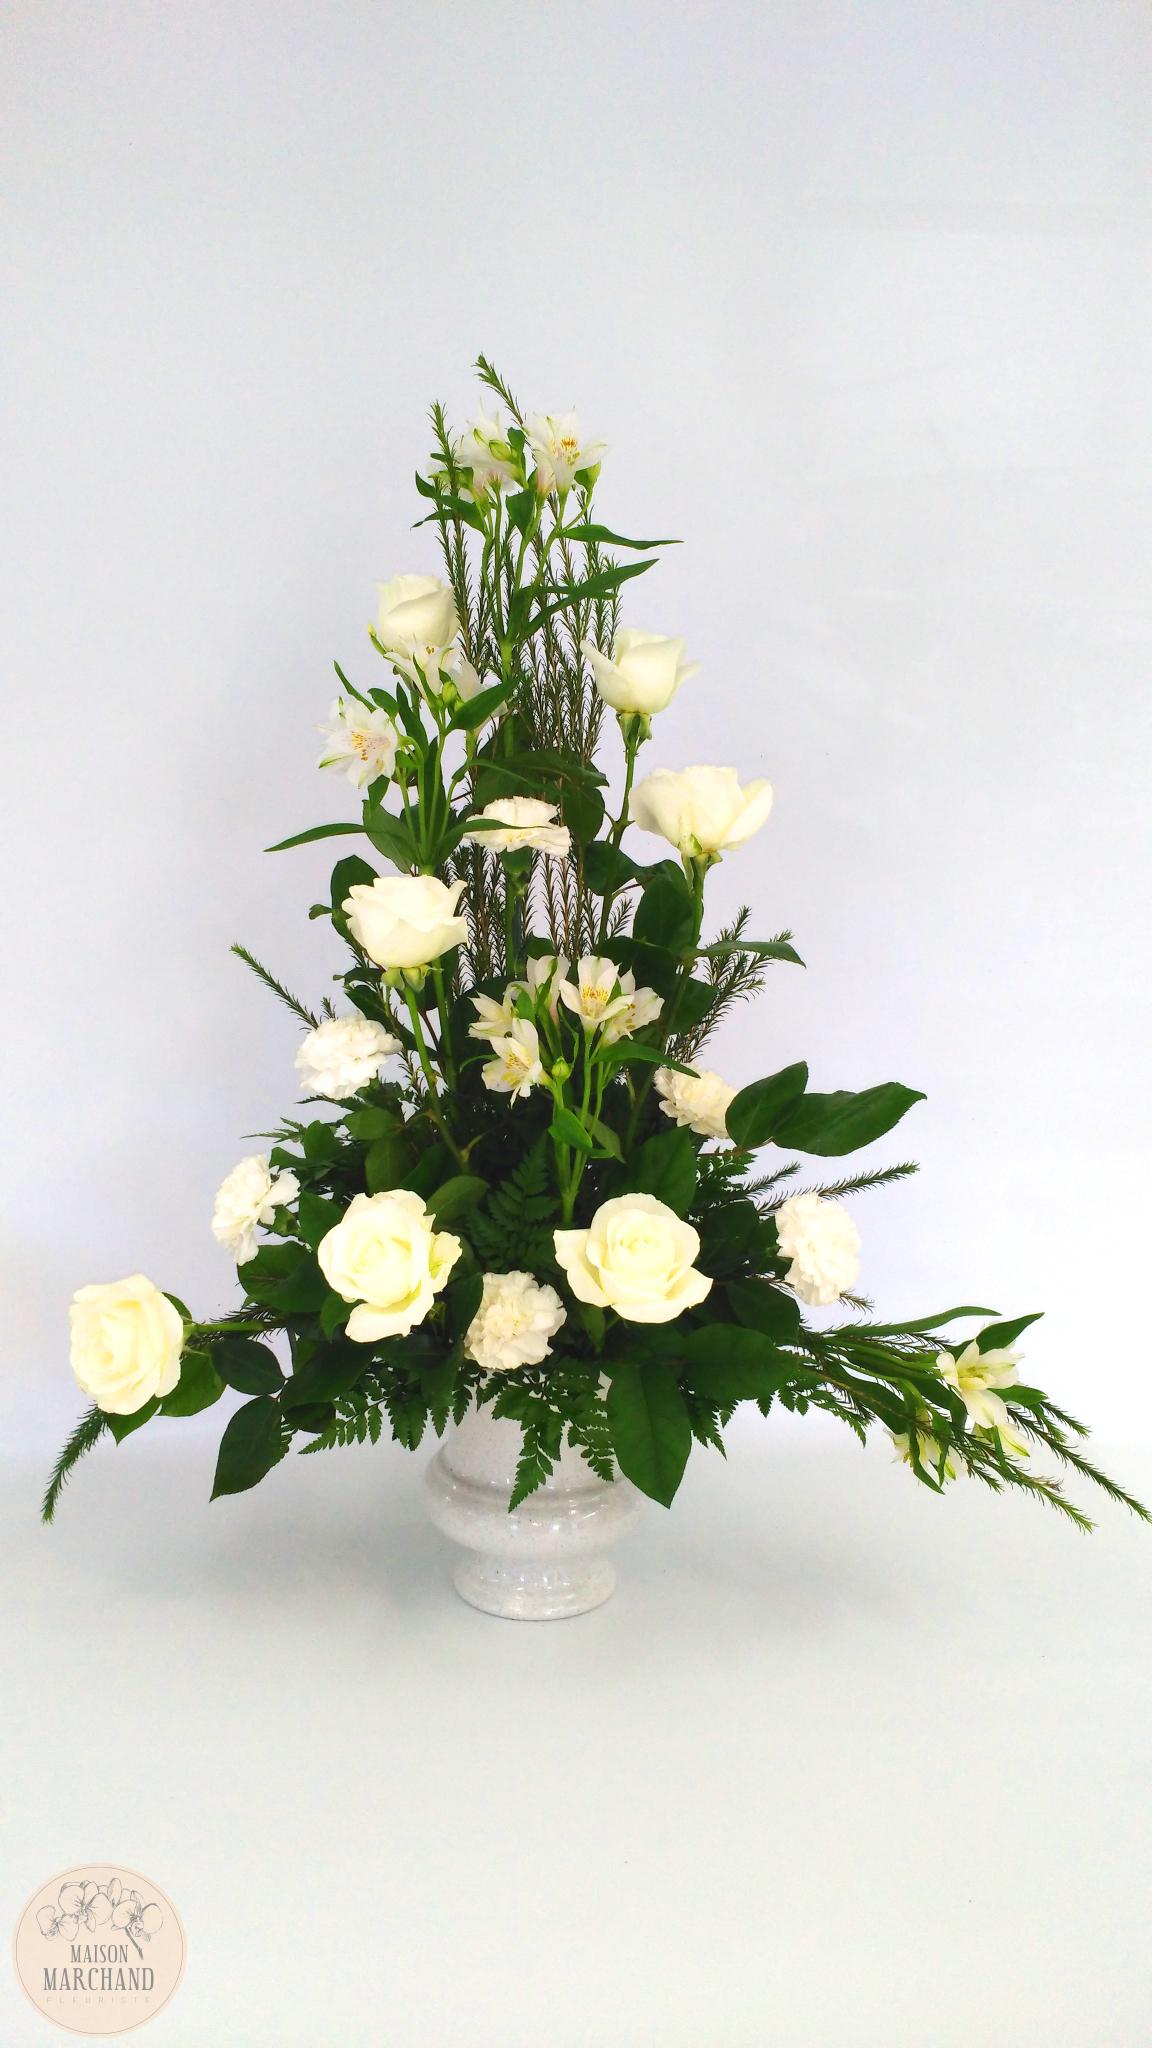 Maison marchand fleuriste chicoutimi qc ourbis